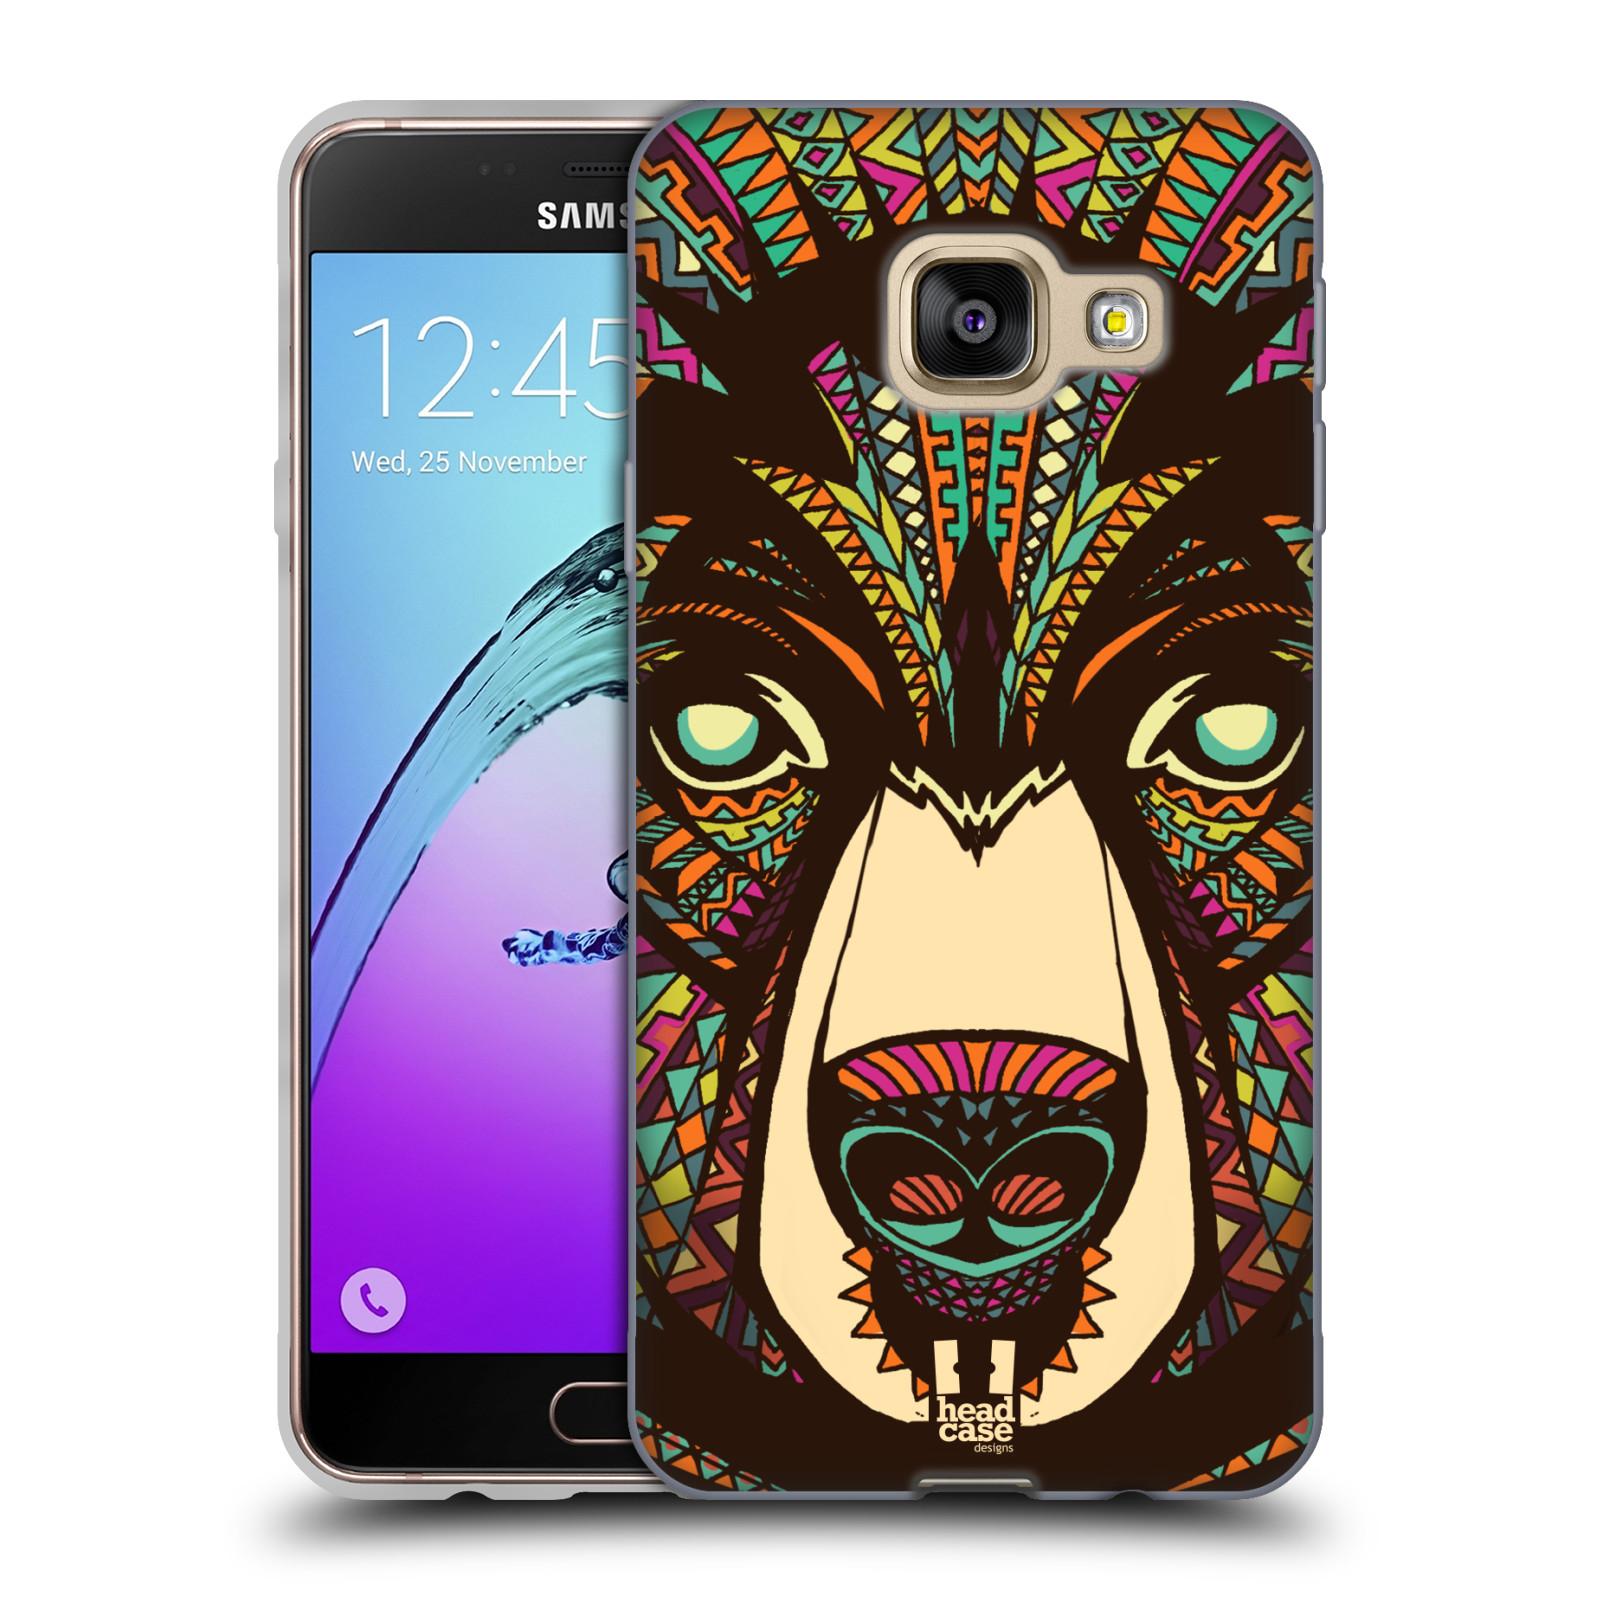 Silikonové pouzdro na mobil Samsung Galaxy A3 (2016) HEAD CASE AZTEC MEDVĚD